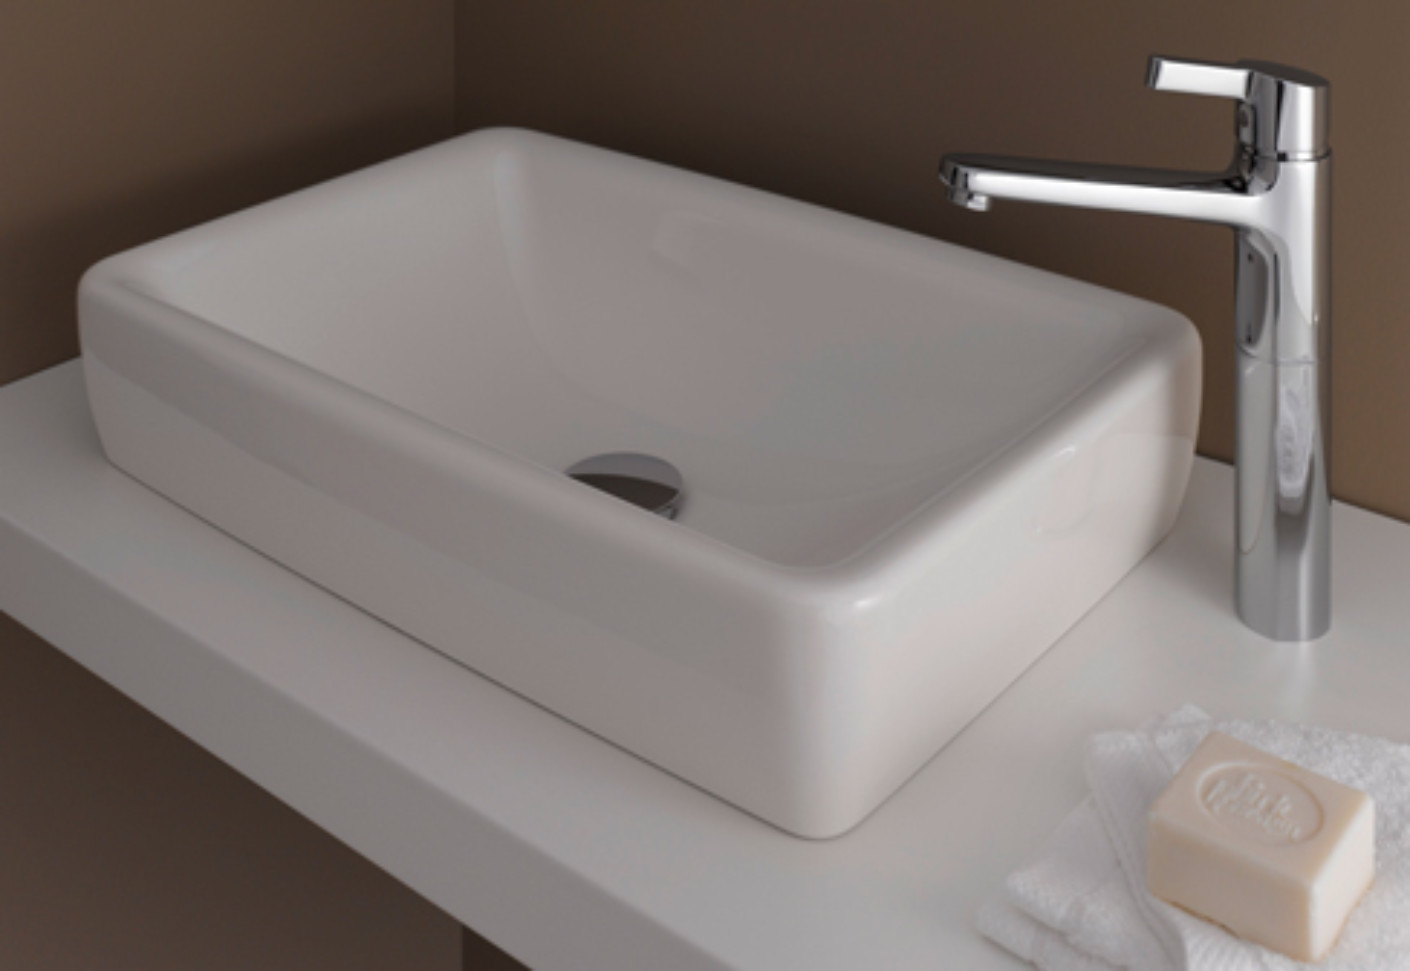 laufen pro s waschtisch schale von laufen stylepark. Black Bedroom Furniture Sets. Home Design Ideas